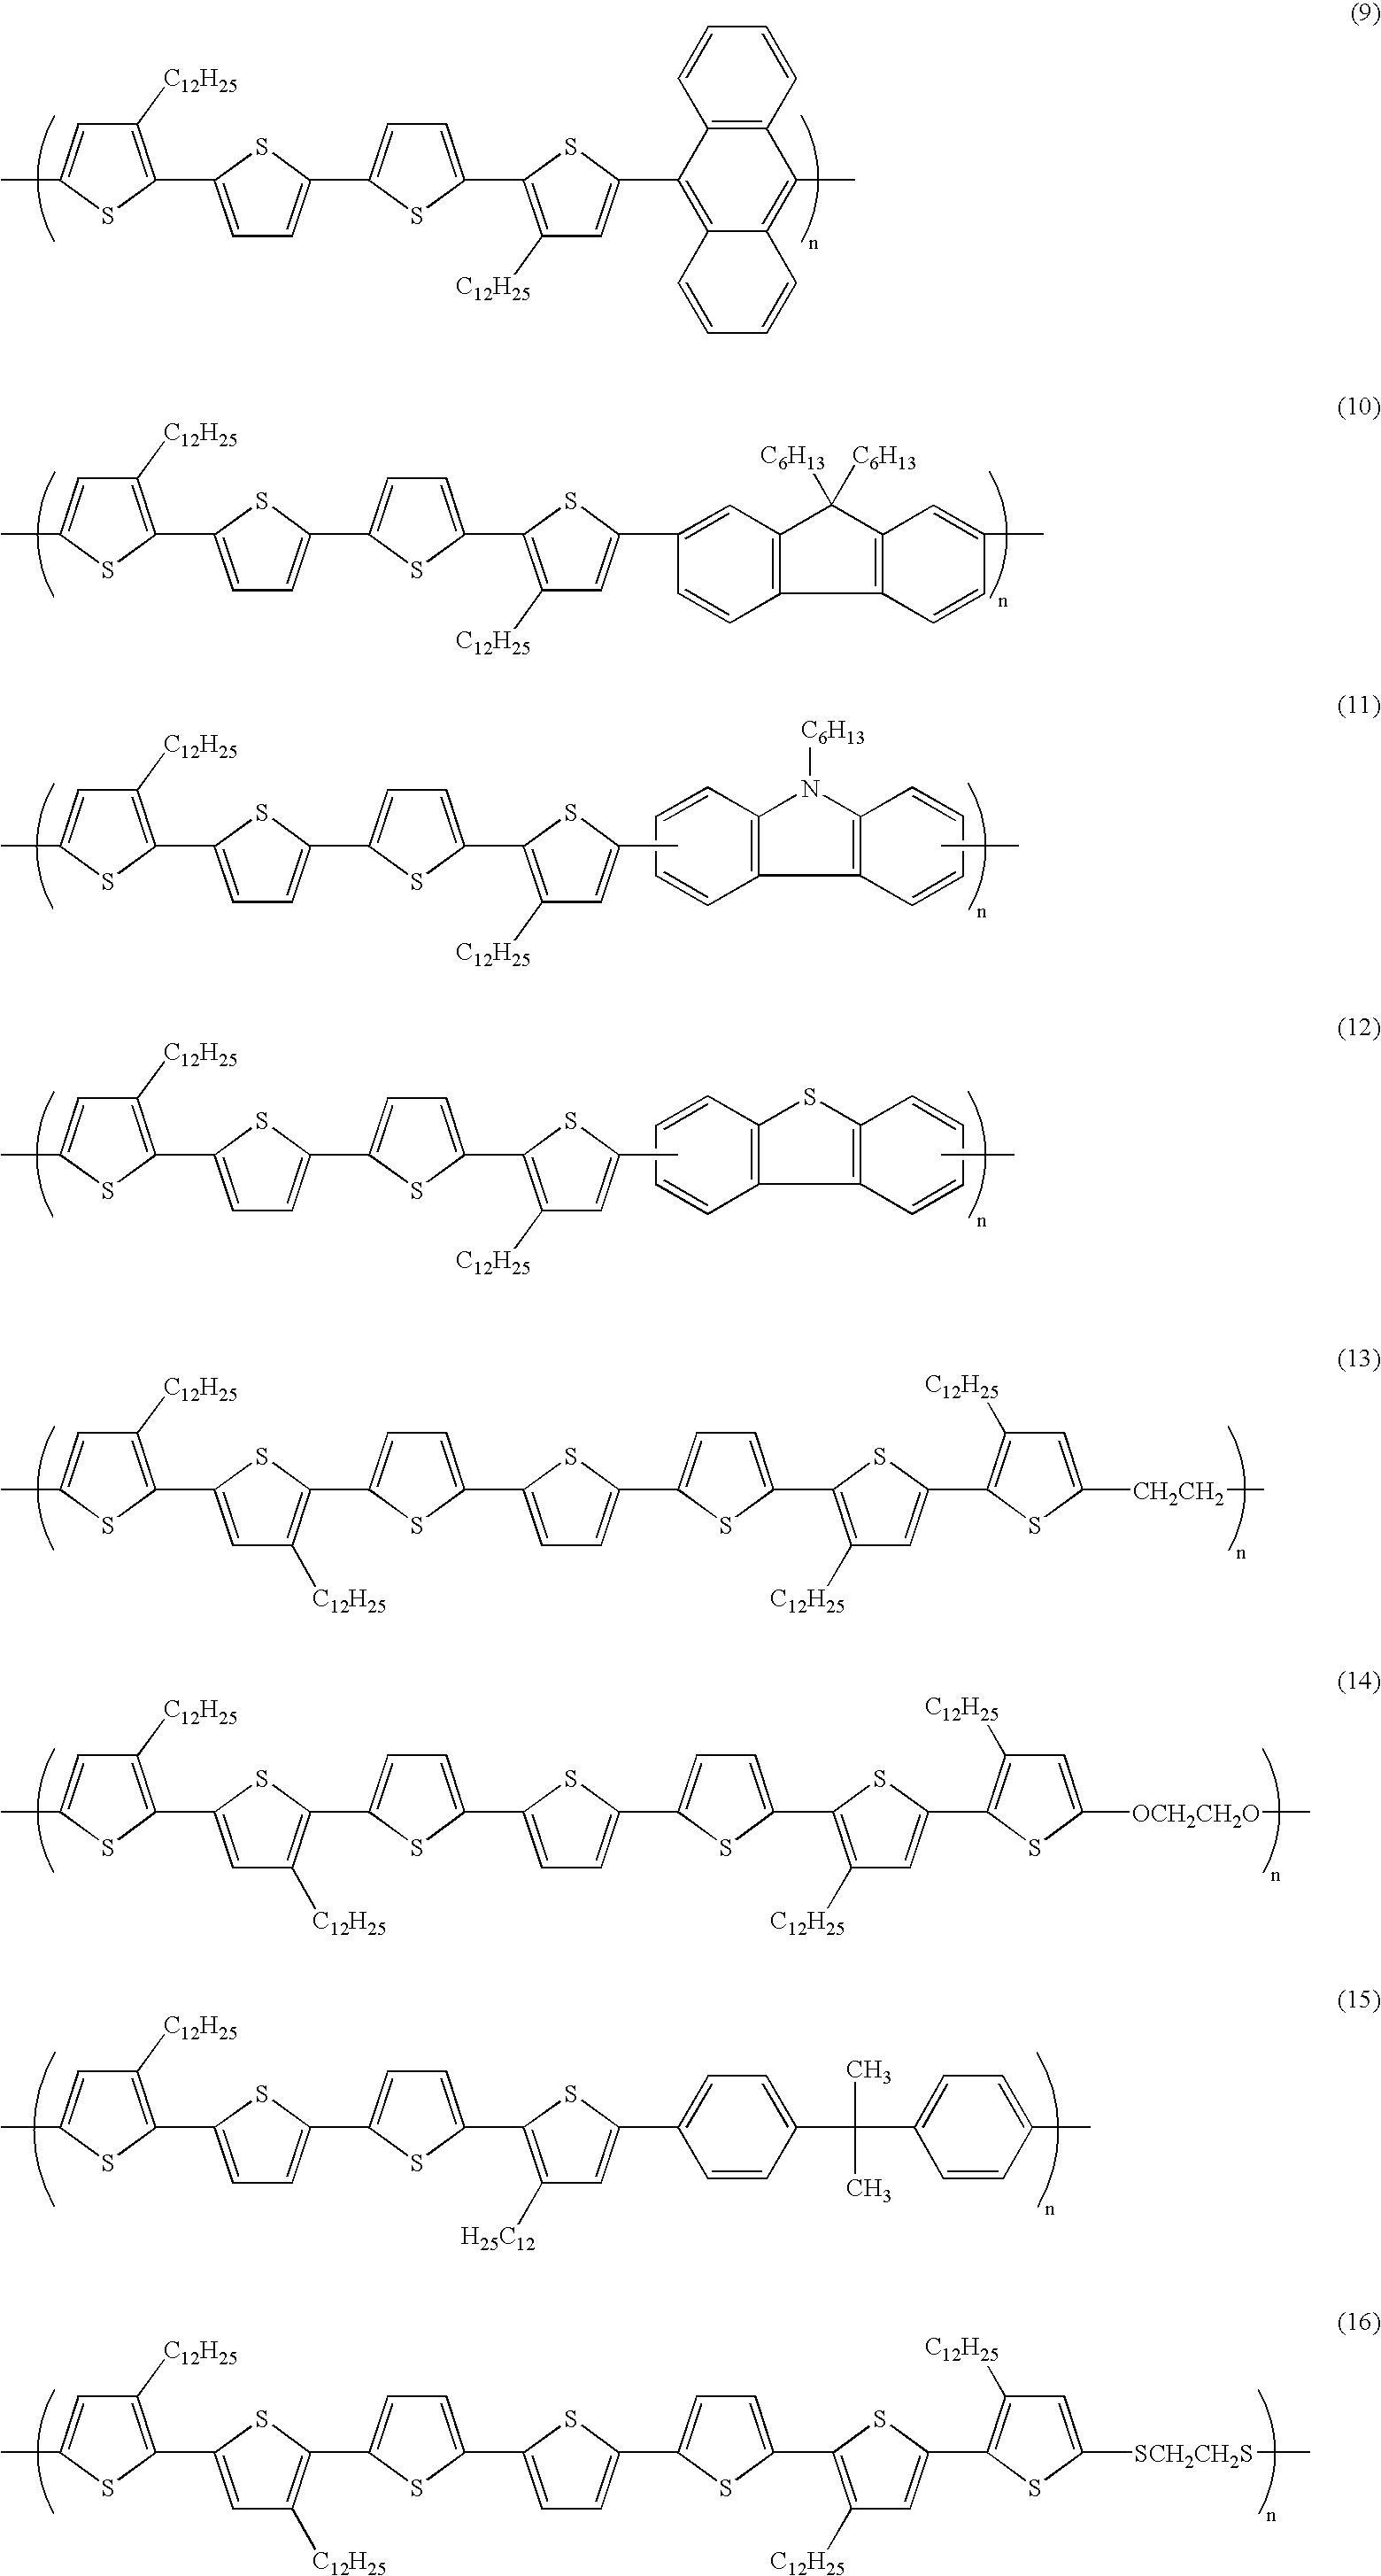 Figure US20030164495A1-20030904-C00013